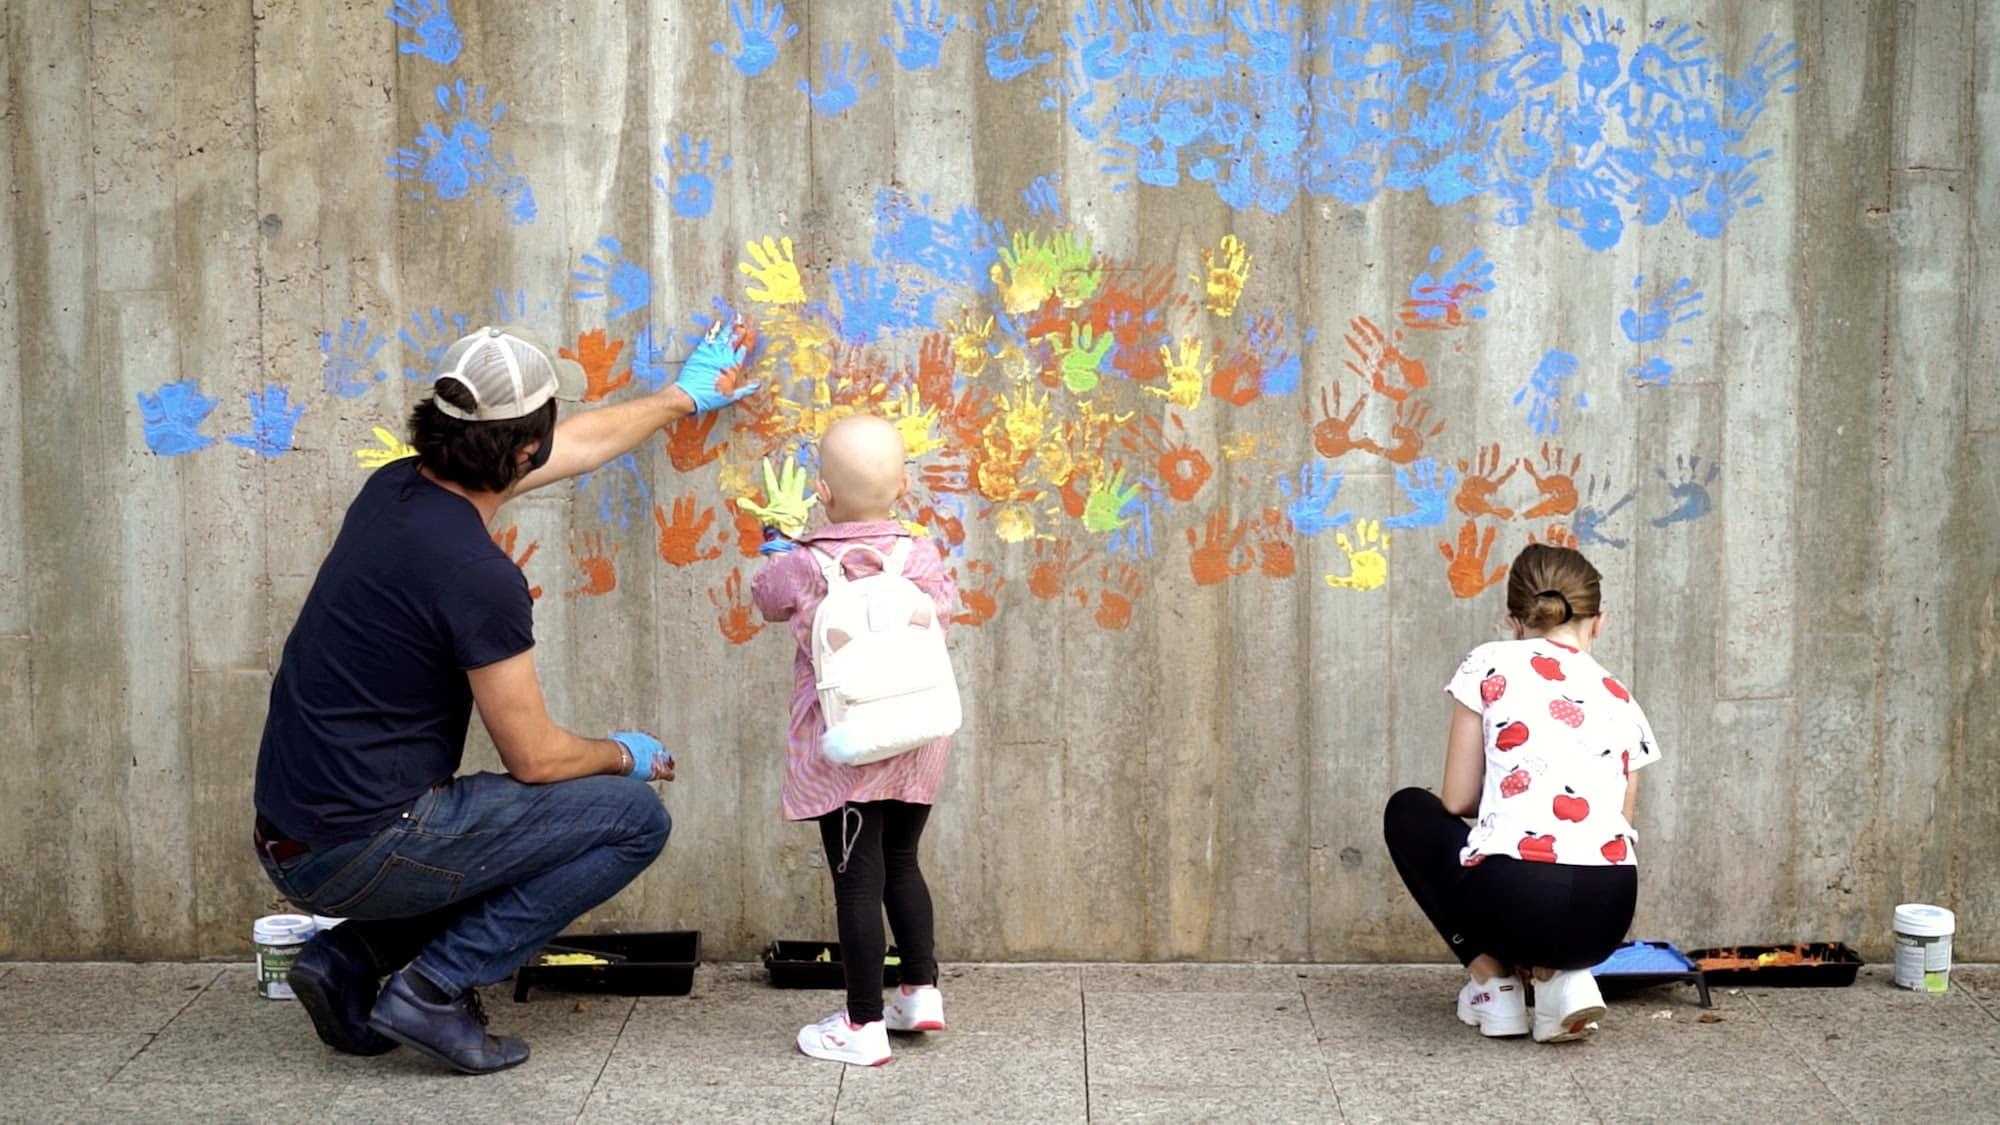 superacion street art pejac niños